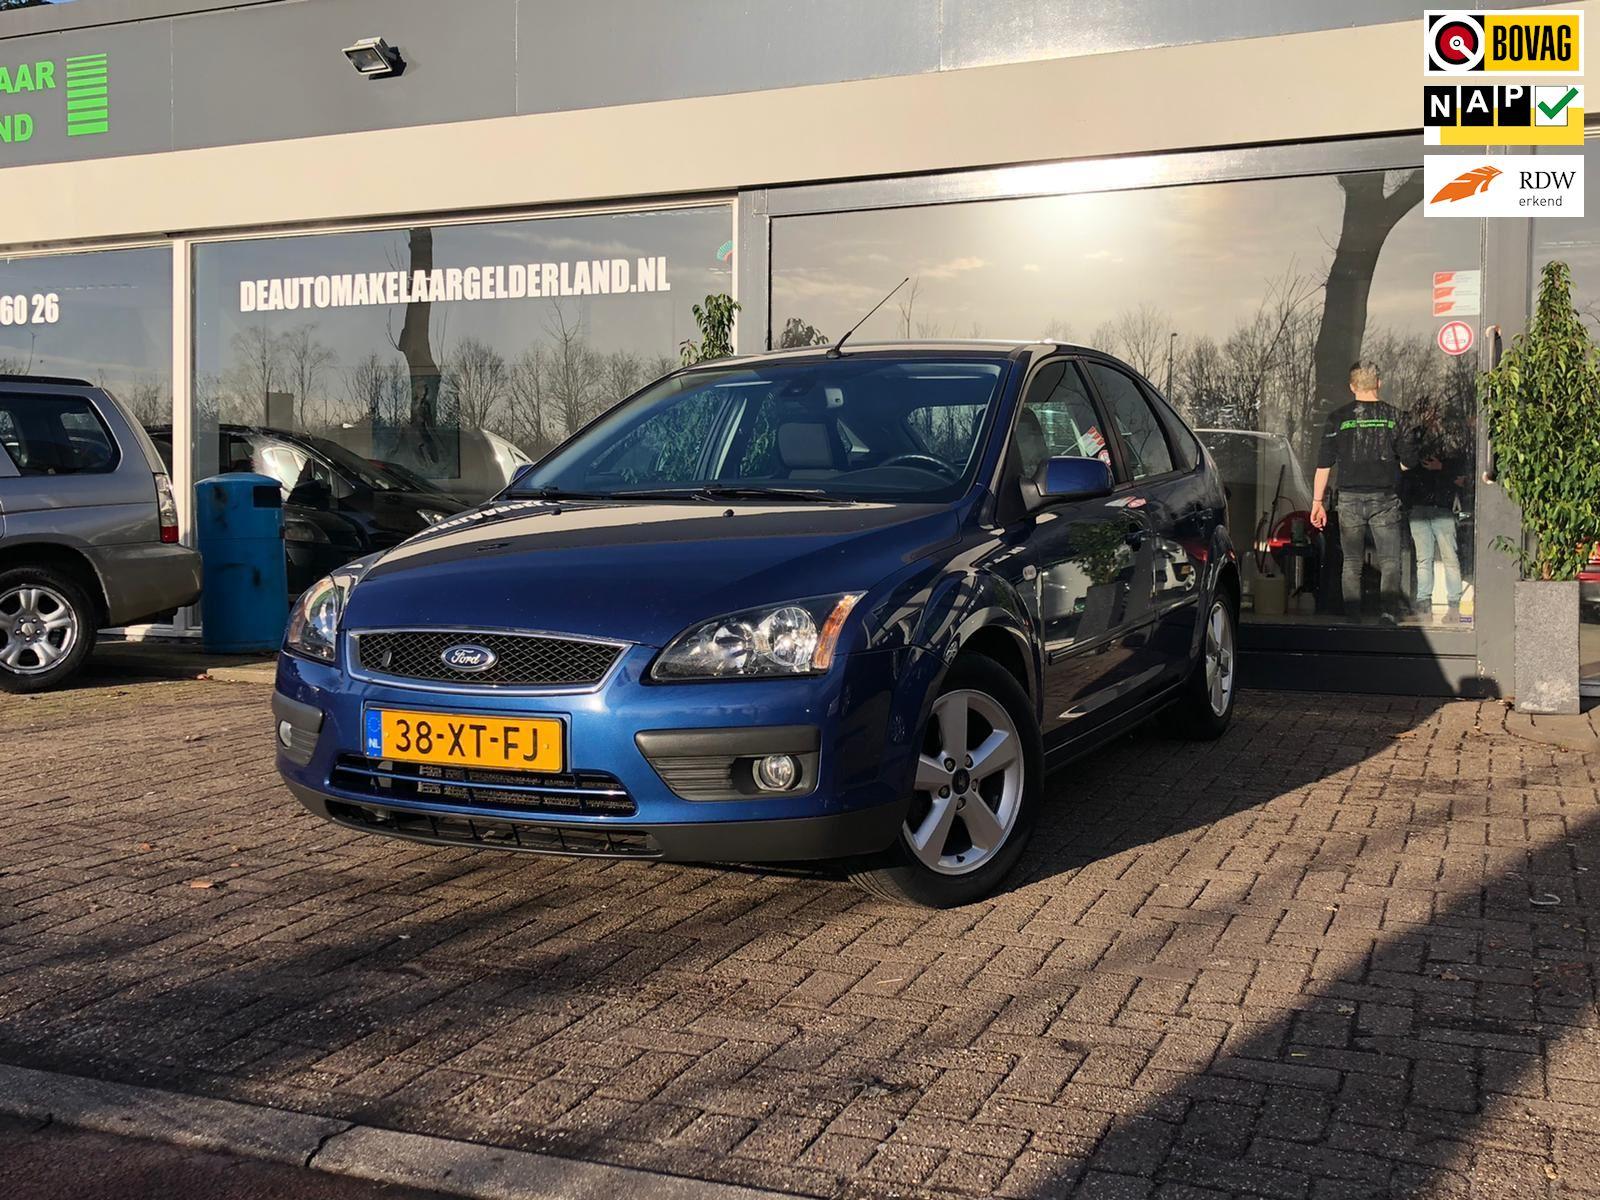 Ford Focus occasion - De Automakelaar Gelderland